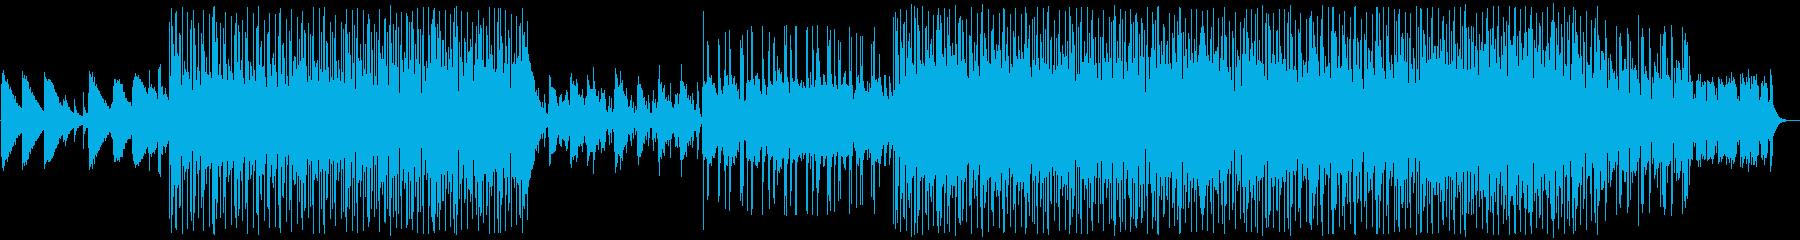 エレピとシンセ、渚と夕日のシティポップの再生済みの波形